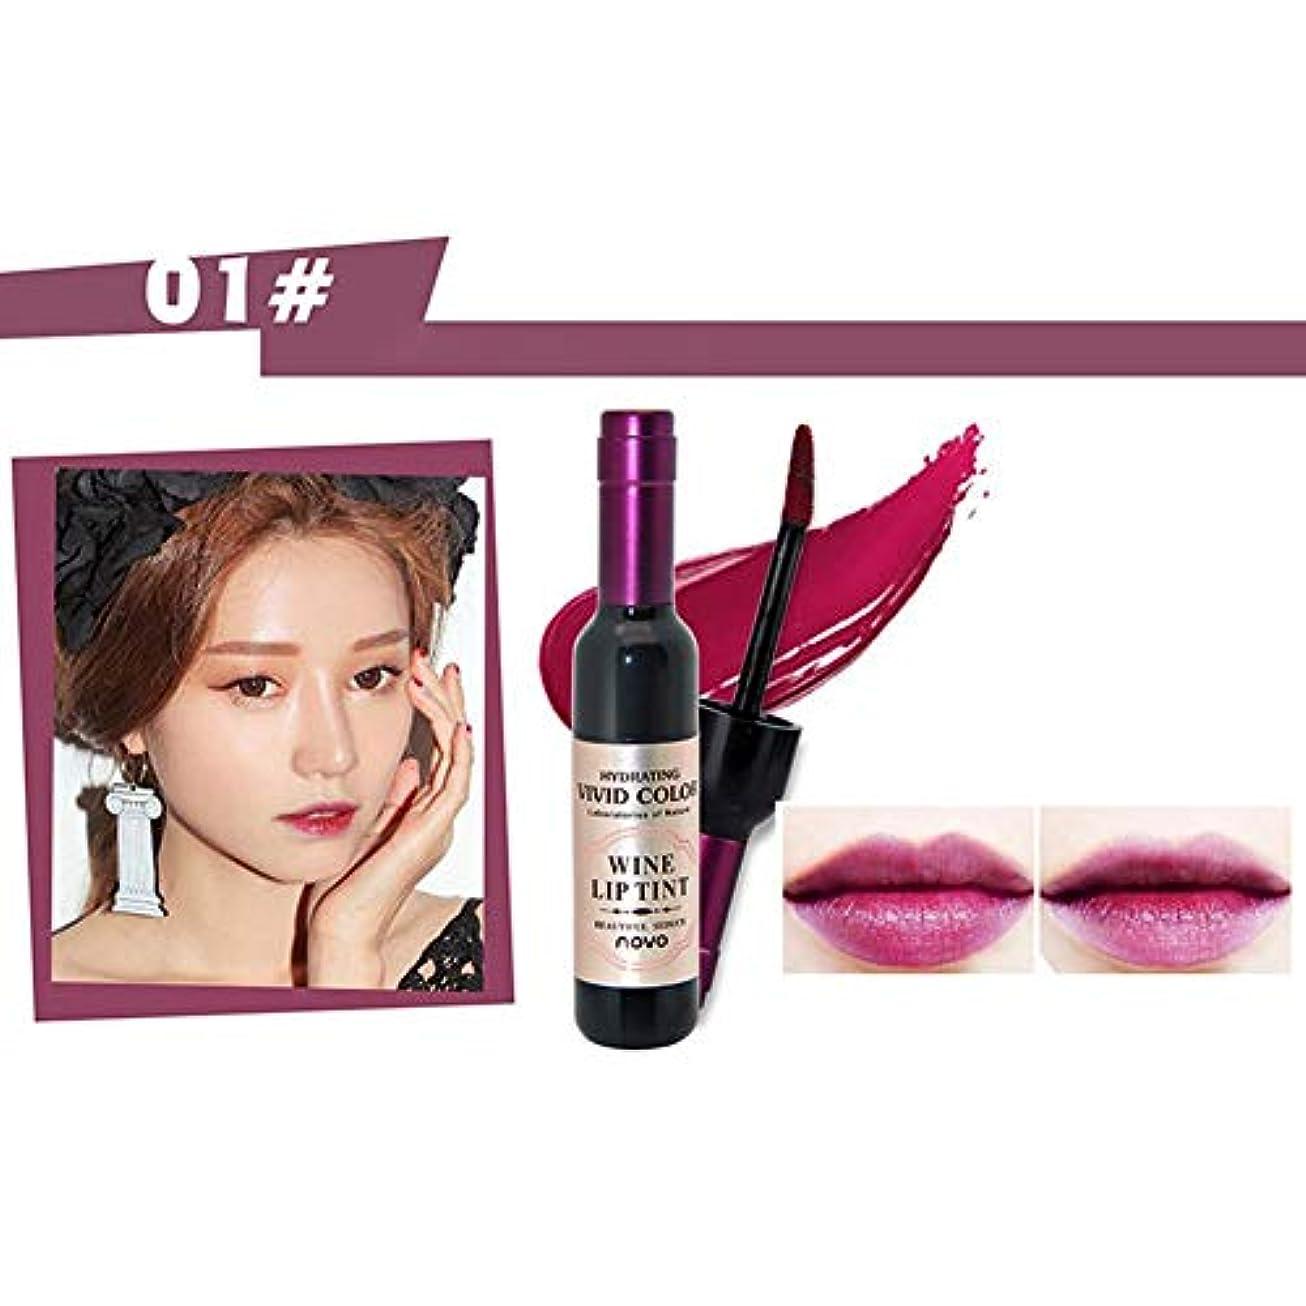 応用本体ジェーンオースティン赤ワインの唇の艶出しは唇の液体、防水ノンスティックカップ液体口紅